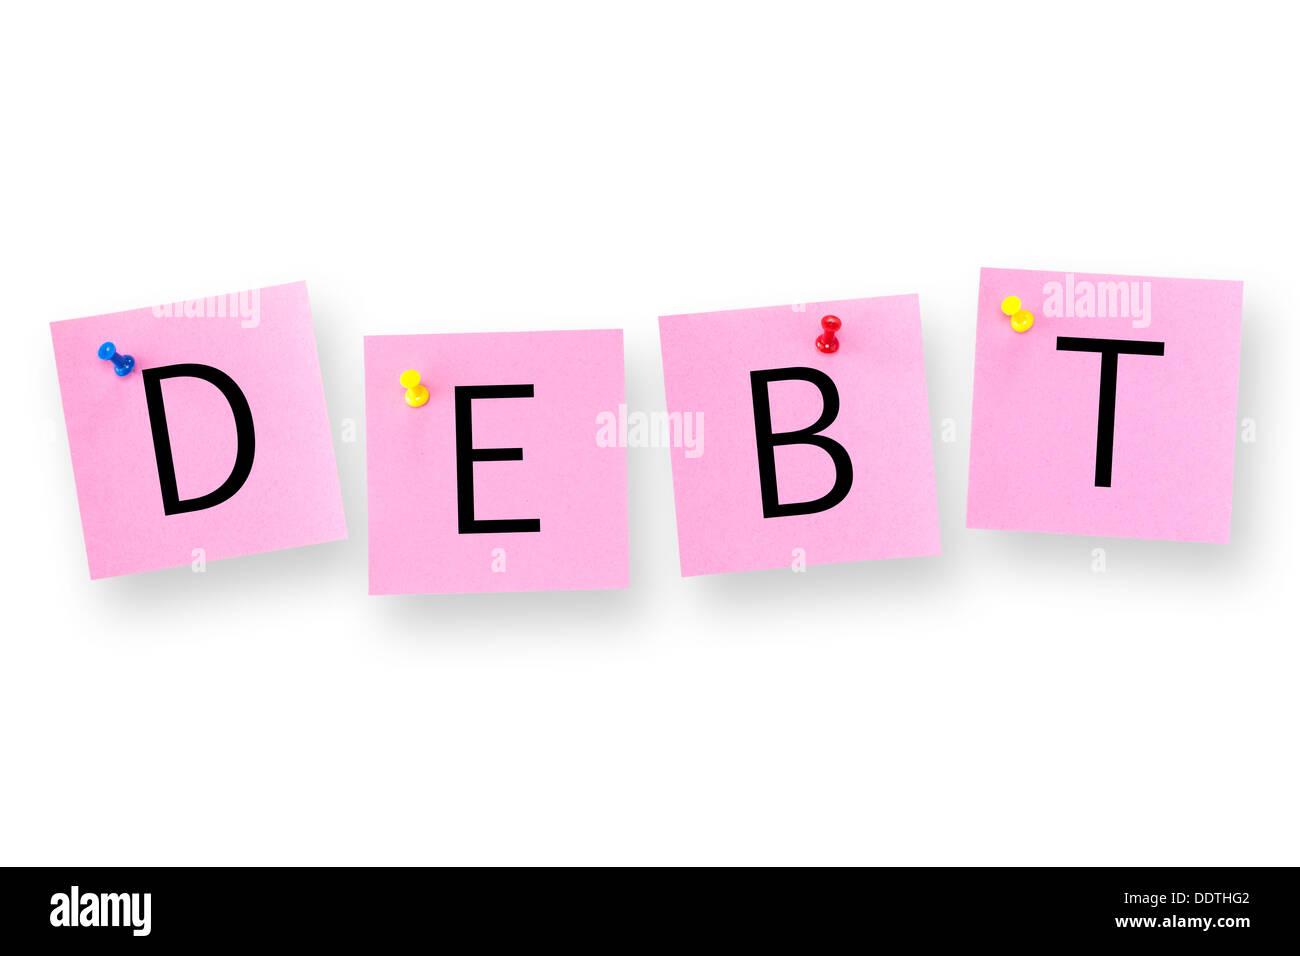 Enunciado de la deuda sobre un fondo blanco. Foto de stock